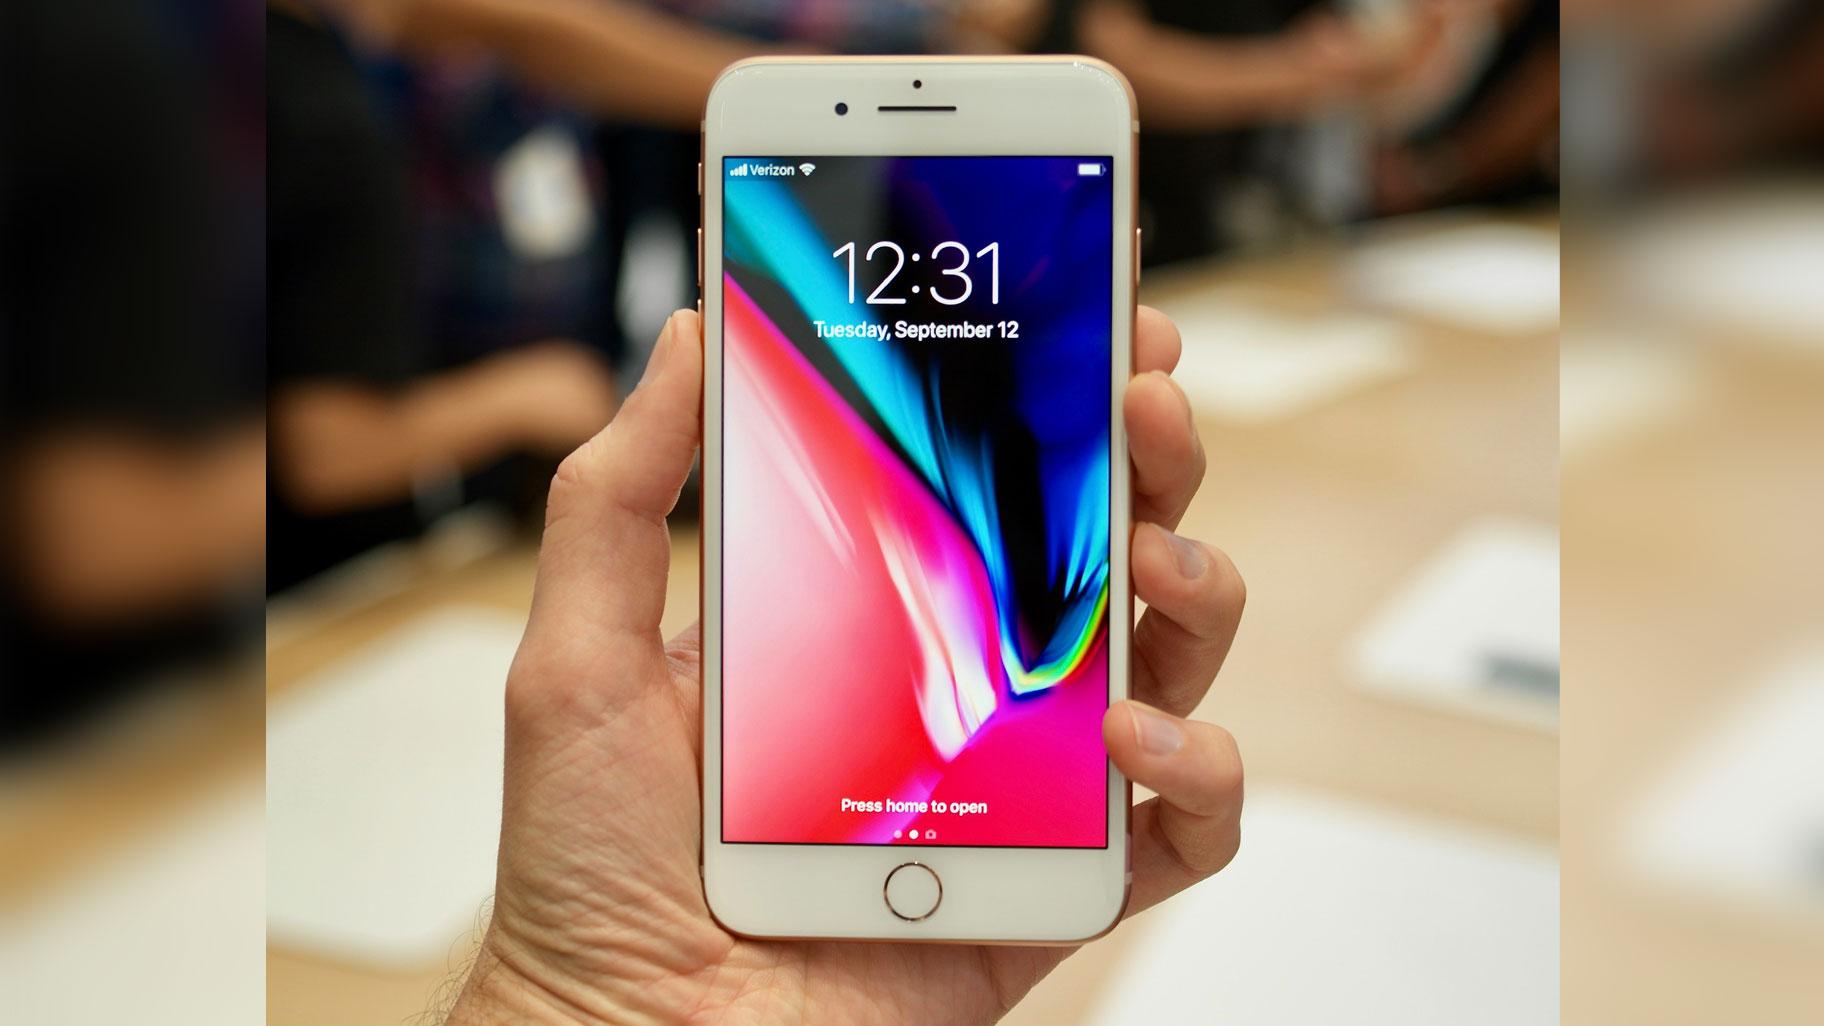 Standortermittlung auf iPhone und iPad überprüfen